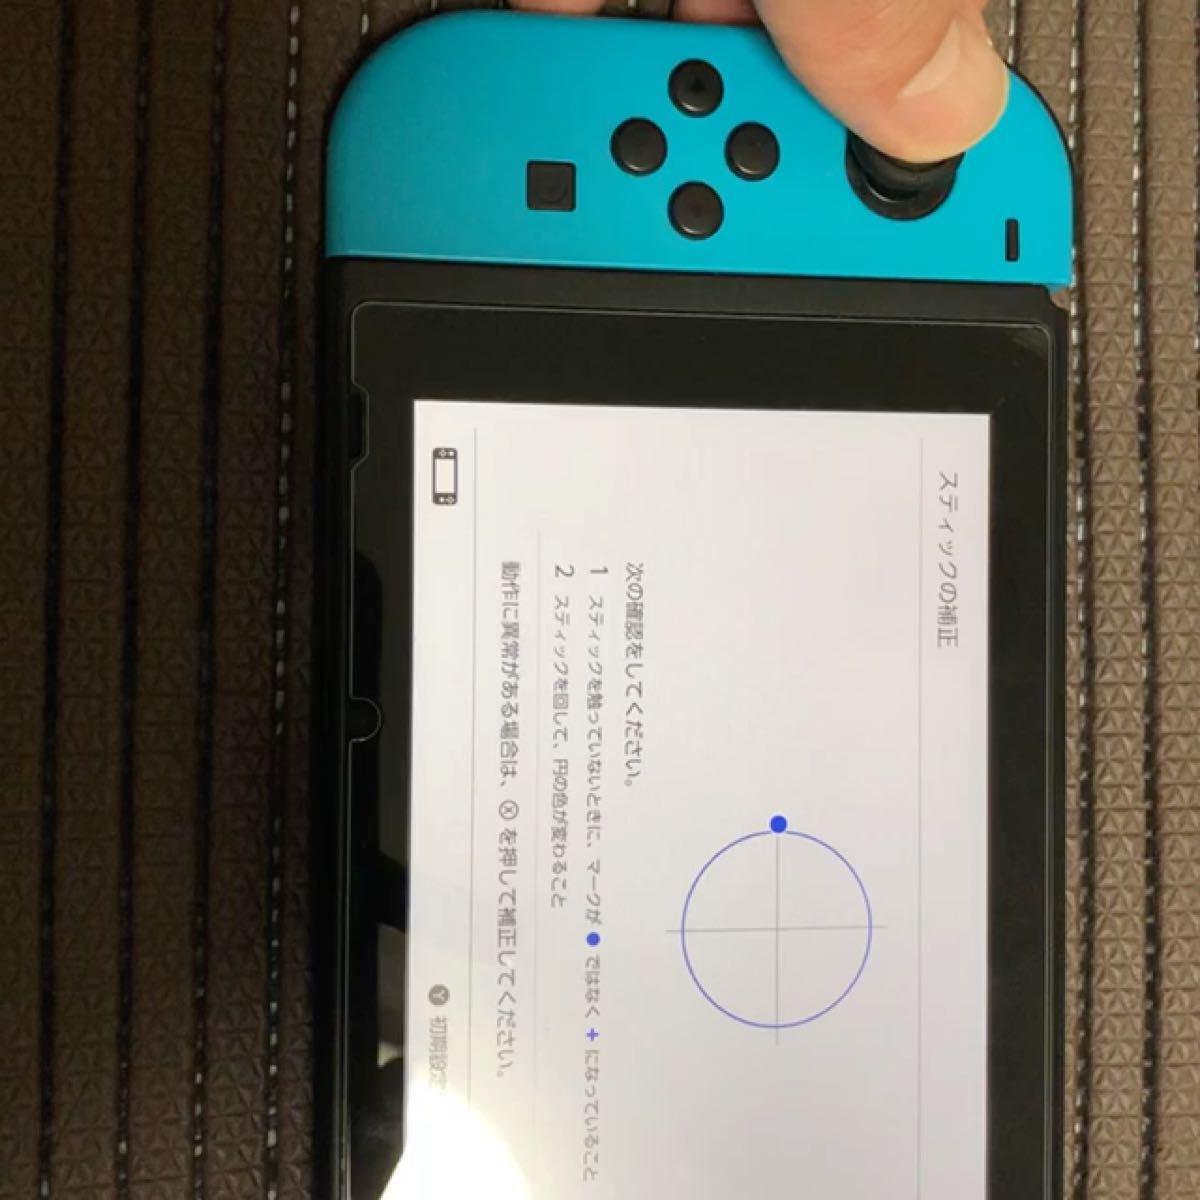 Nintendo Switch Joy-Con (L) ネオンブルー / (R) ネオンレッド ストラップなし ジョイコン